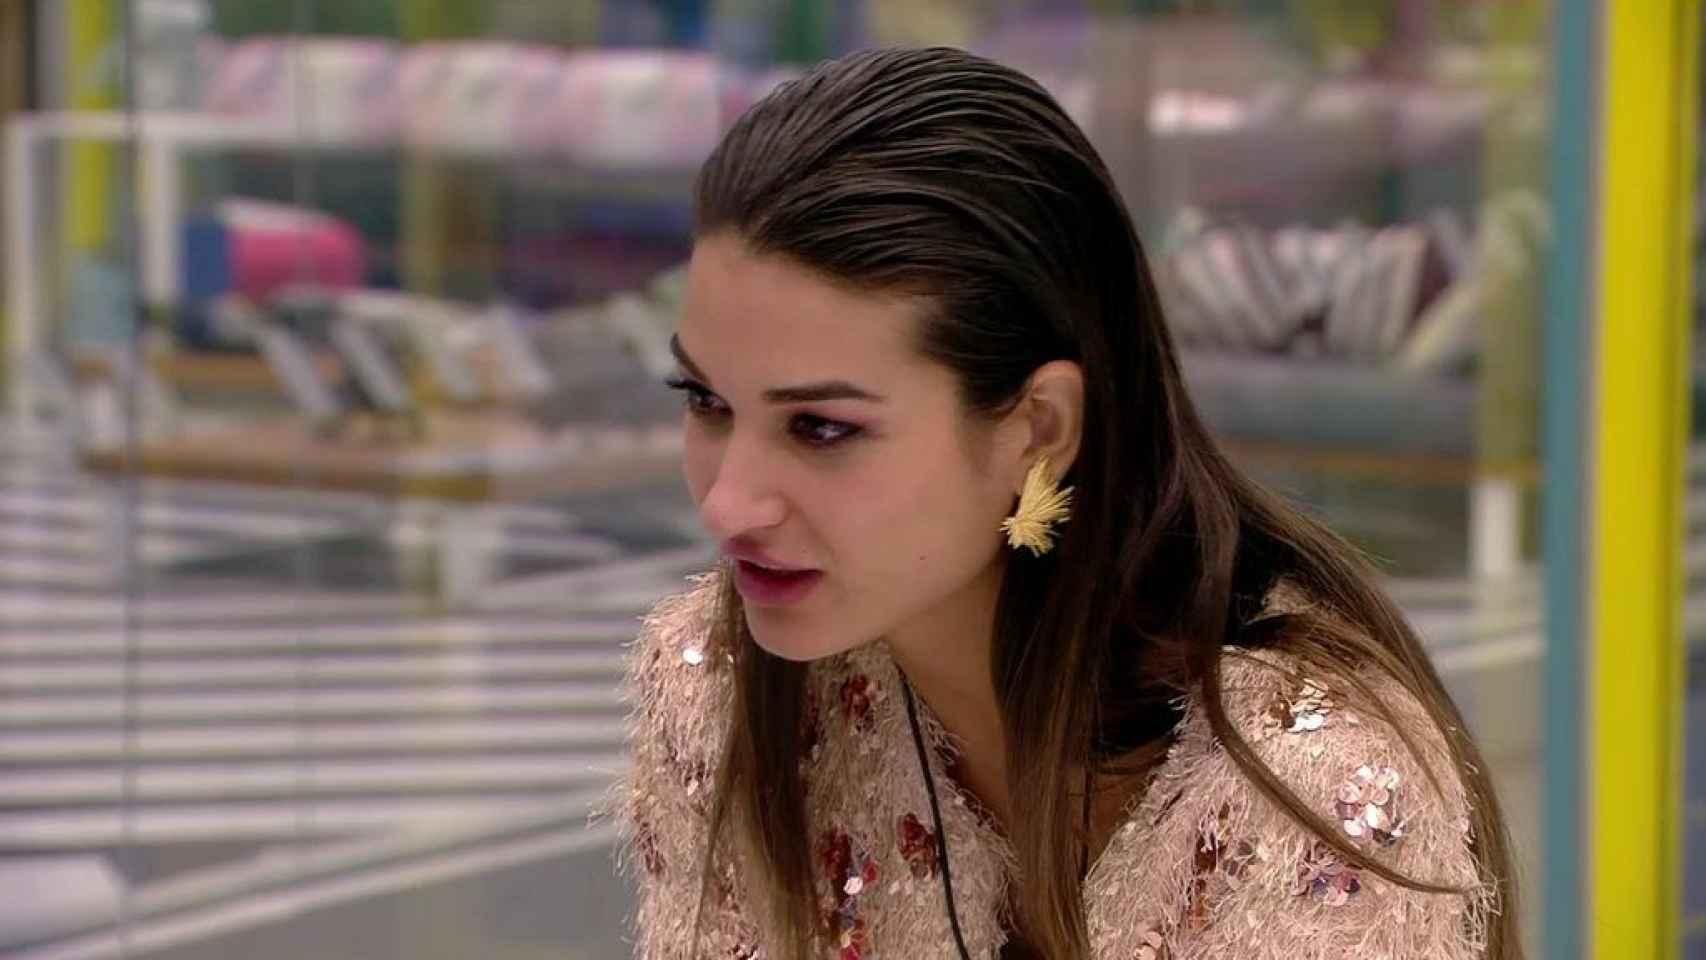 Las indirectas de Kiko y Sofía sobre la actitud de Diego fuera de la casa han causado dudas en Estela.